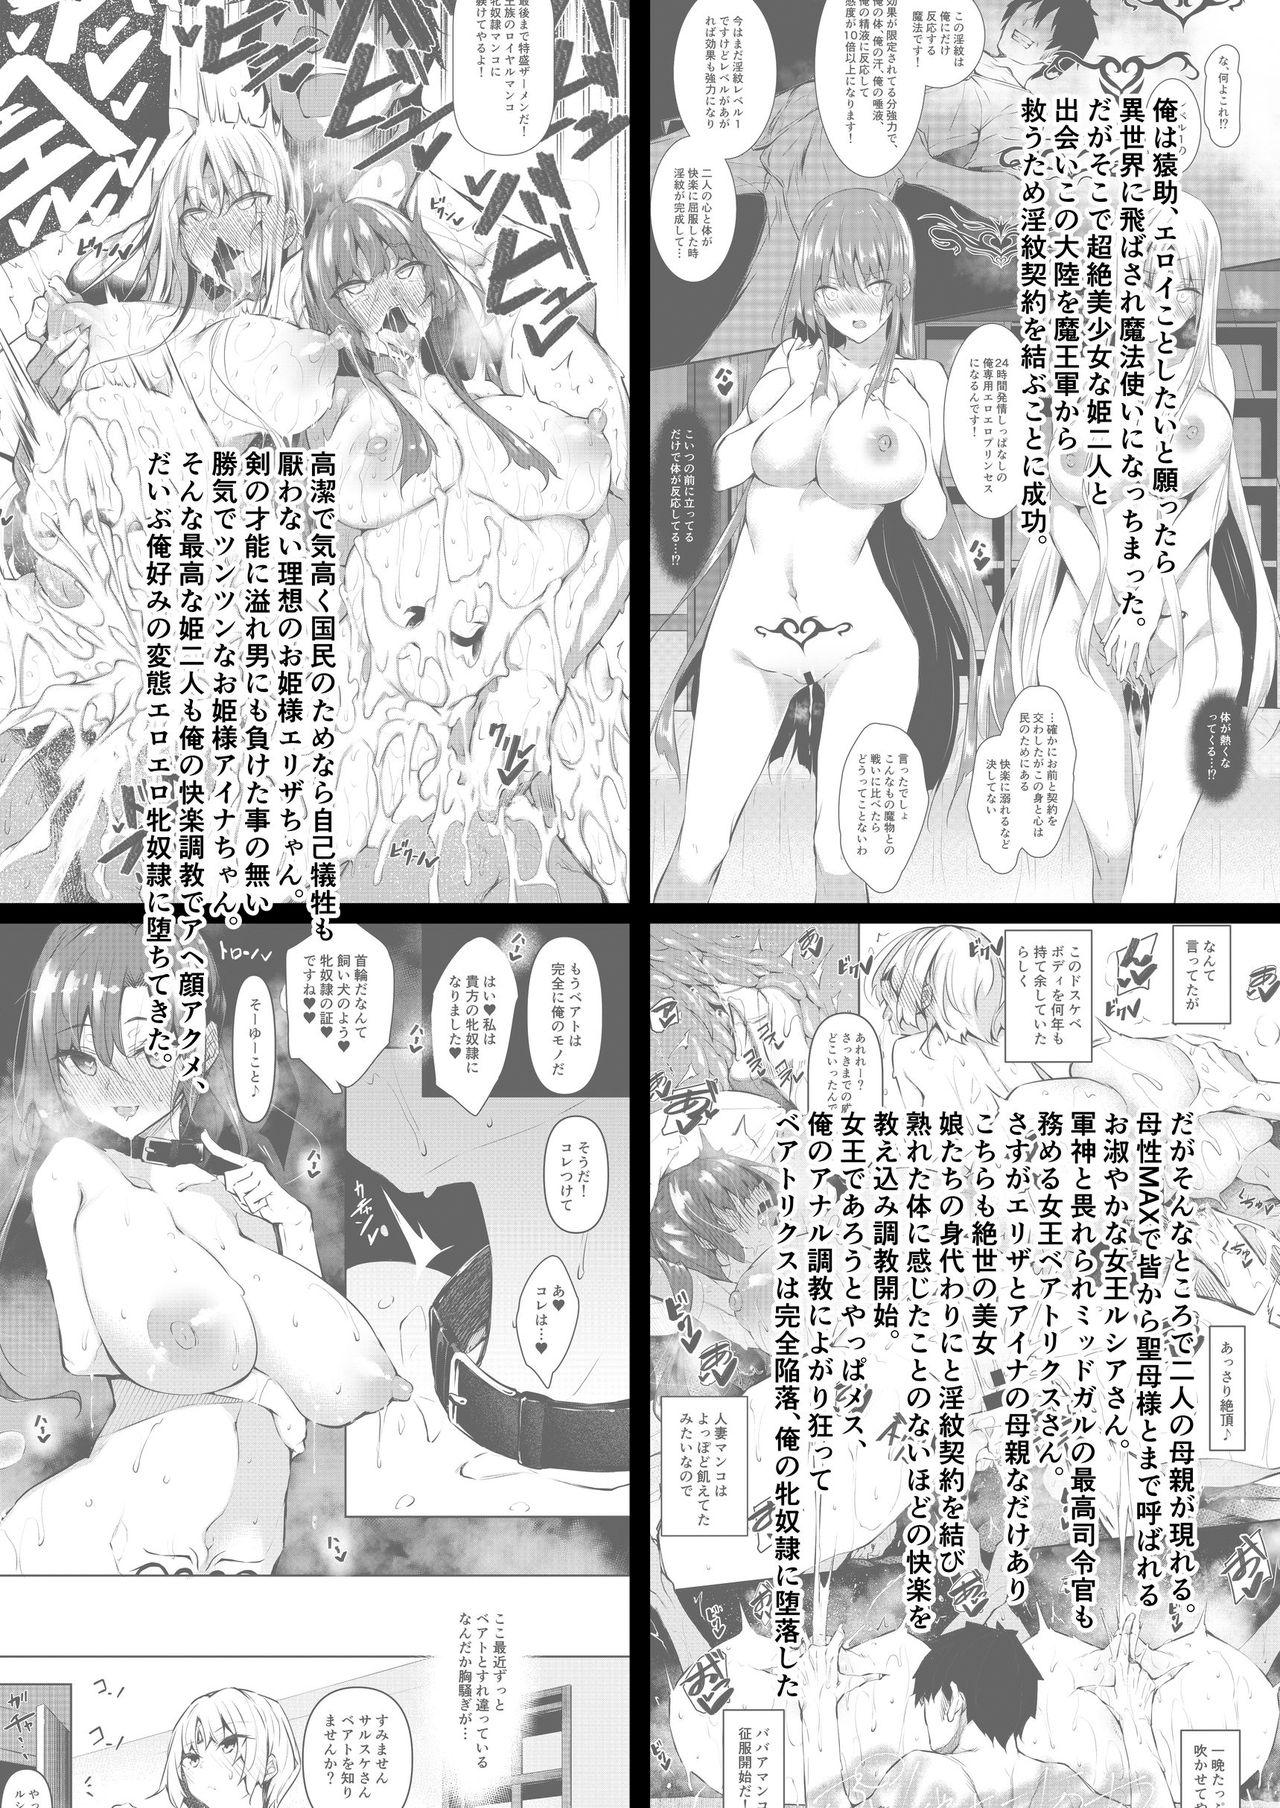 Ore Isekai de Mahoutsukai ni Naru 4 2